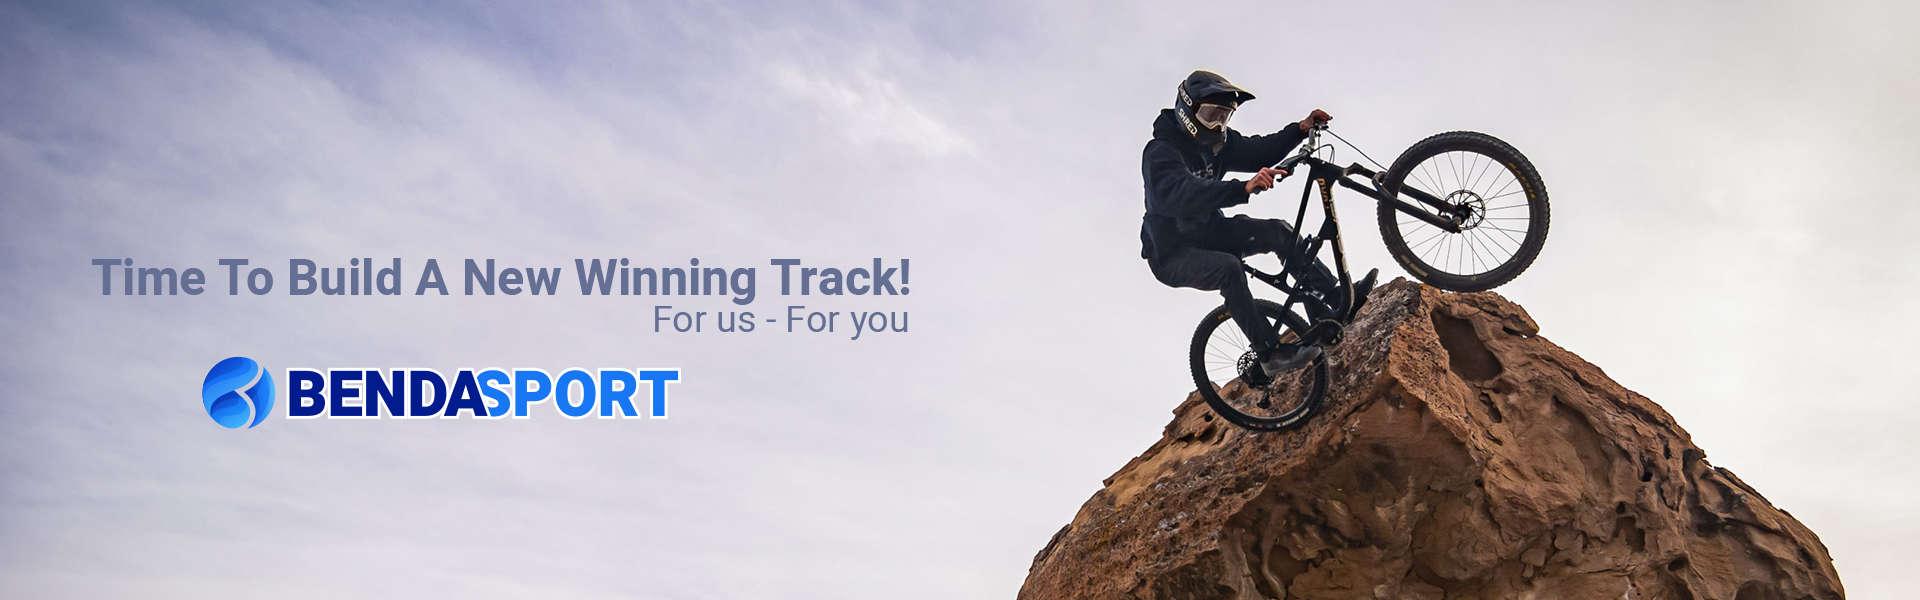 בנדא-ספורט-אופניים-אביזרים-bendasport.jpg-דרך-חדשה